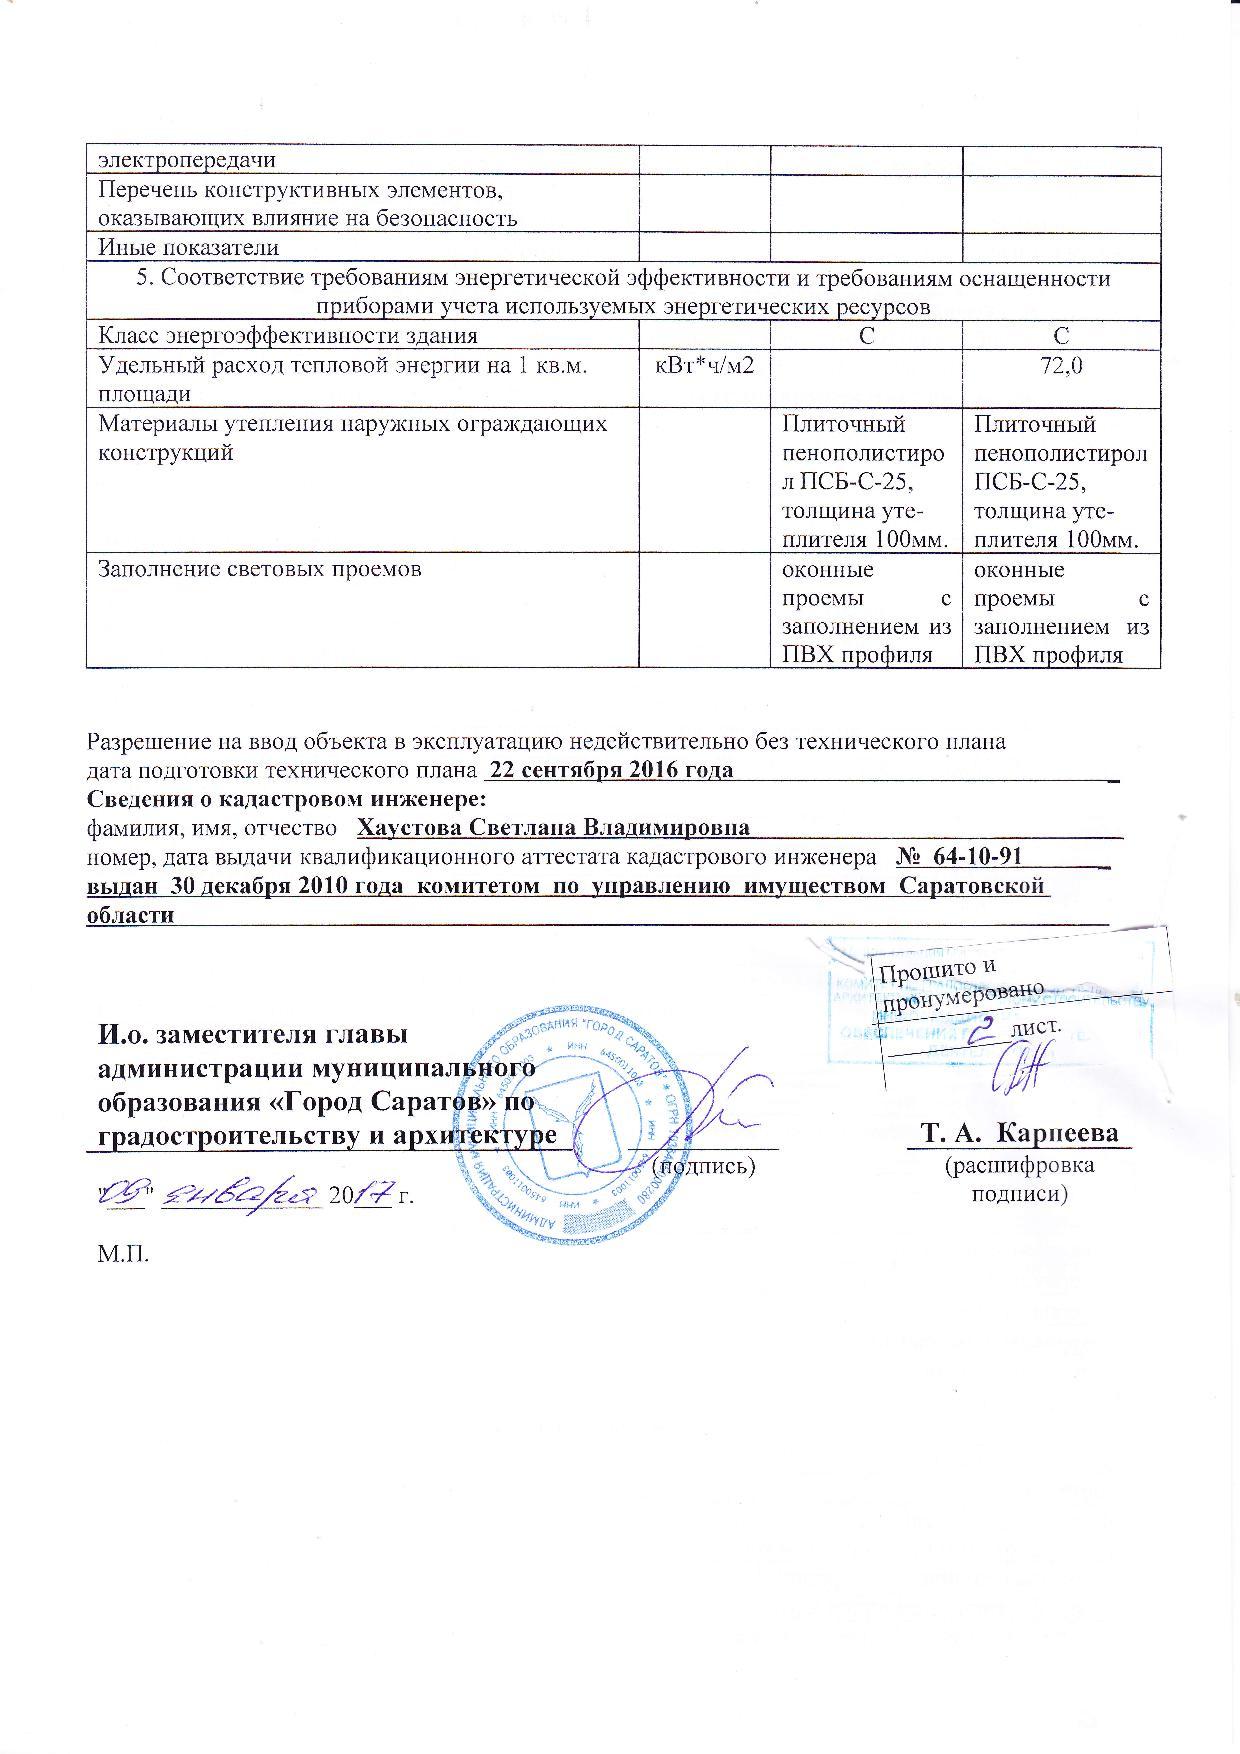 недвижимость как подготовить ввод в эксплуатацию жилого дома Дмитровская Луч: расписание